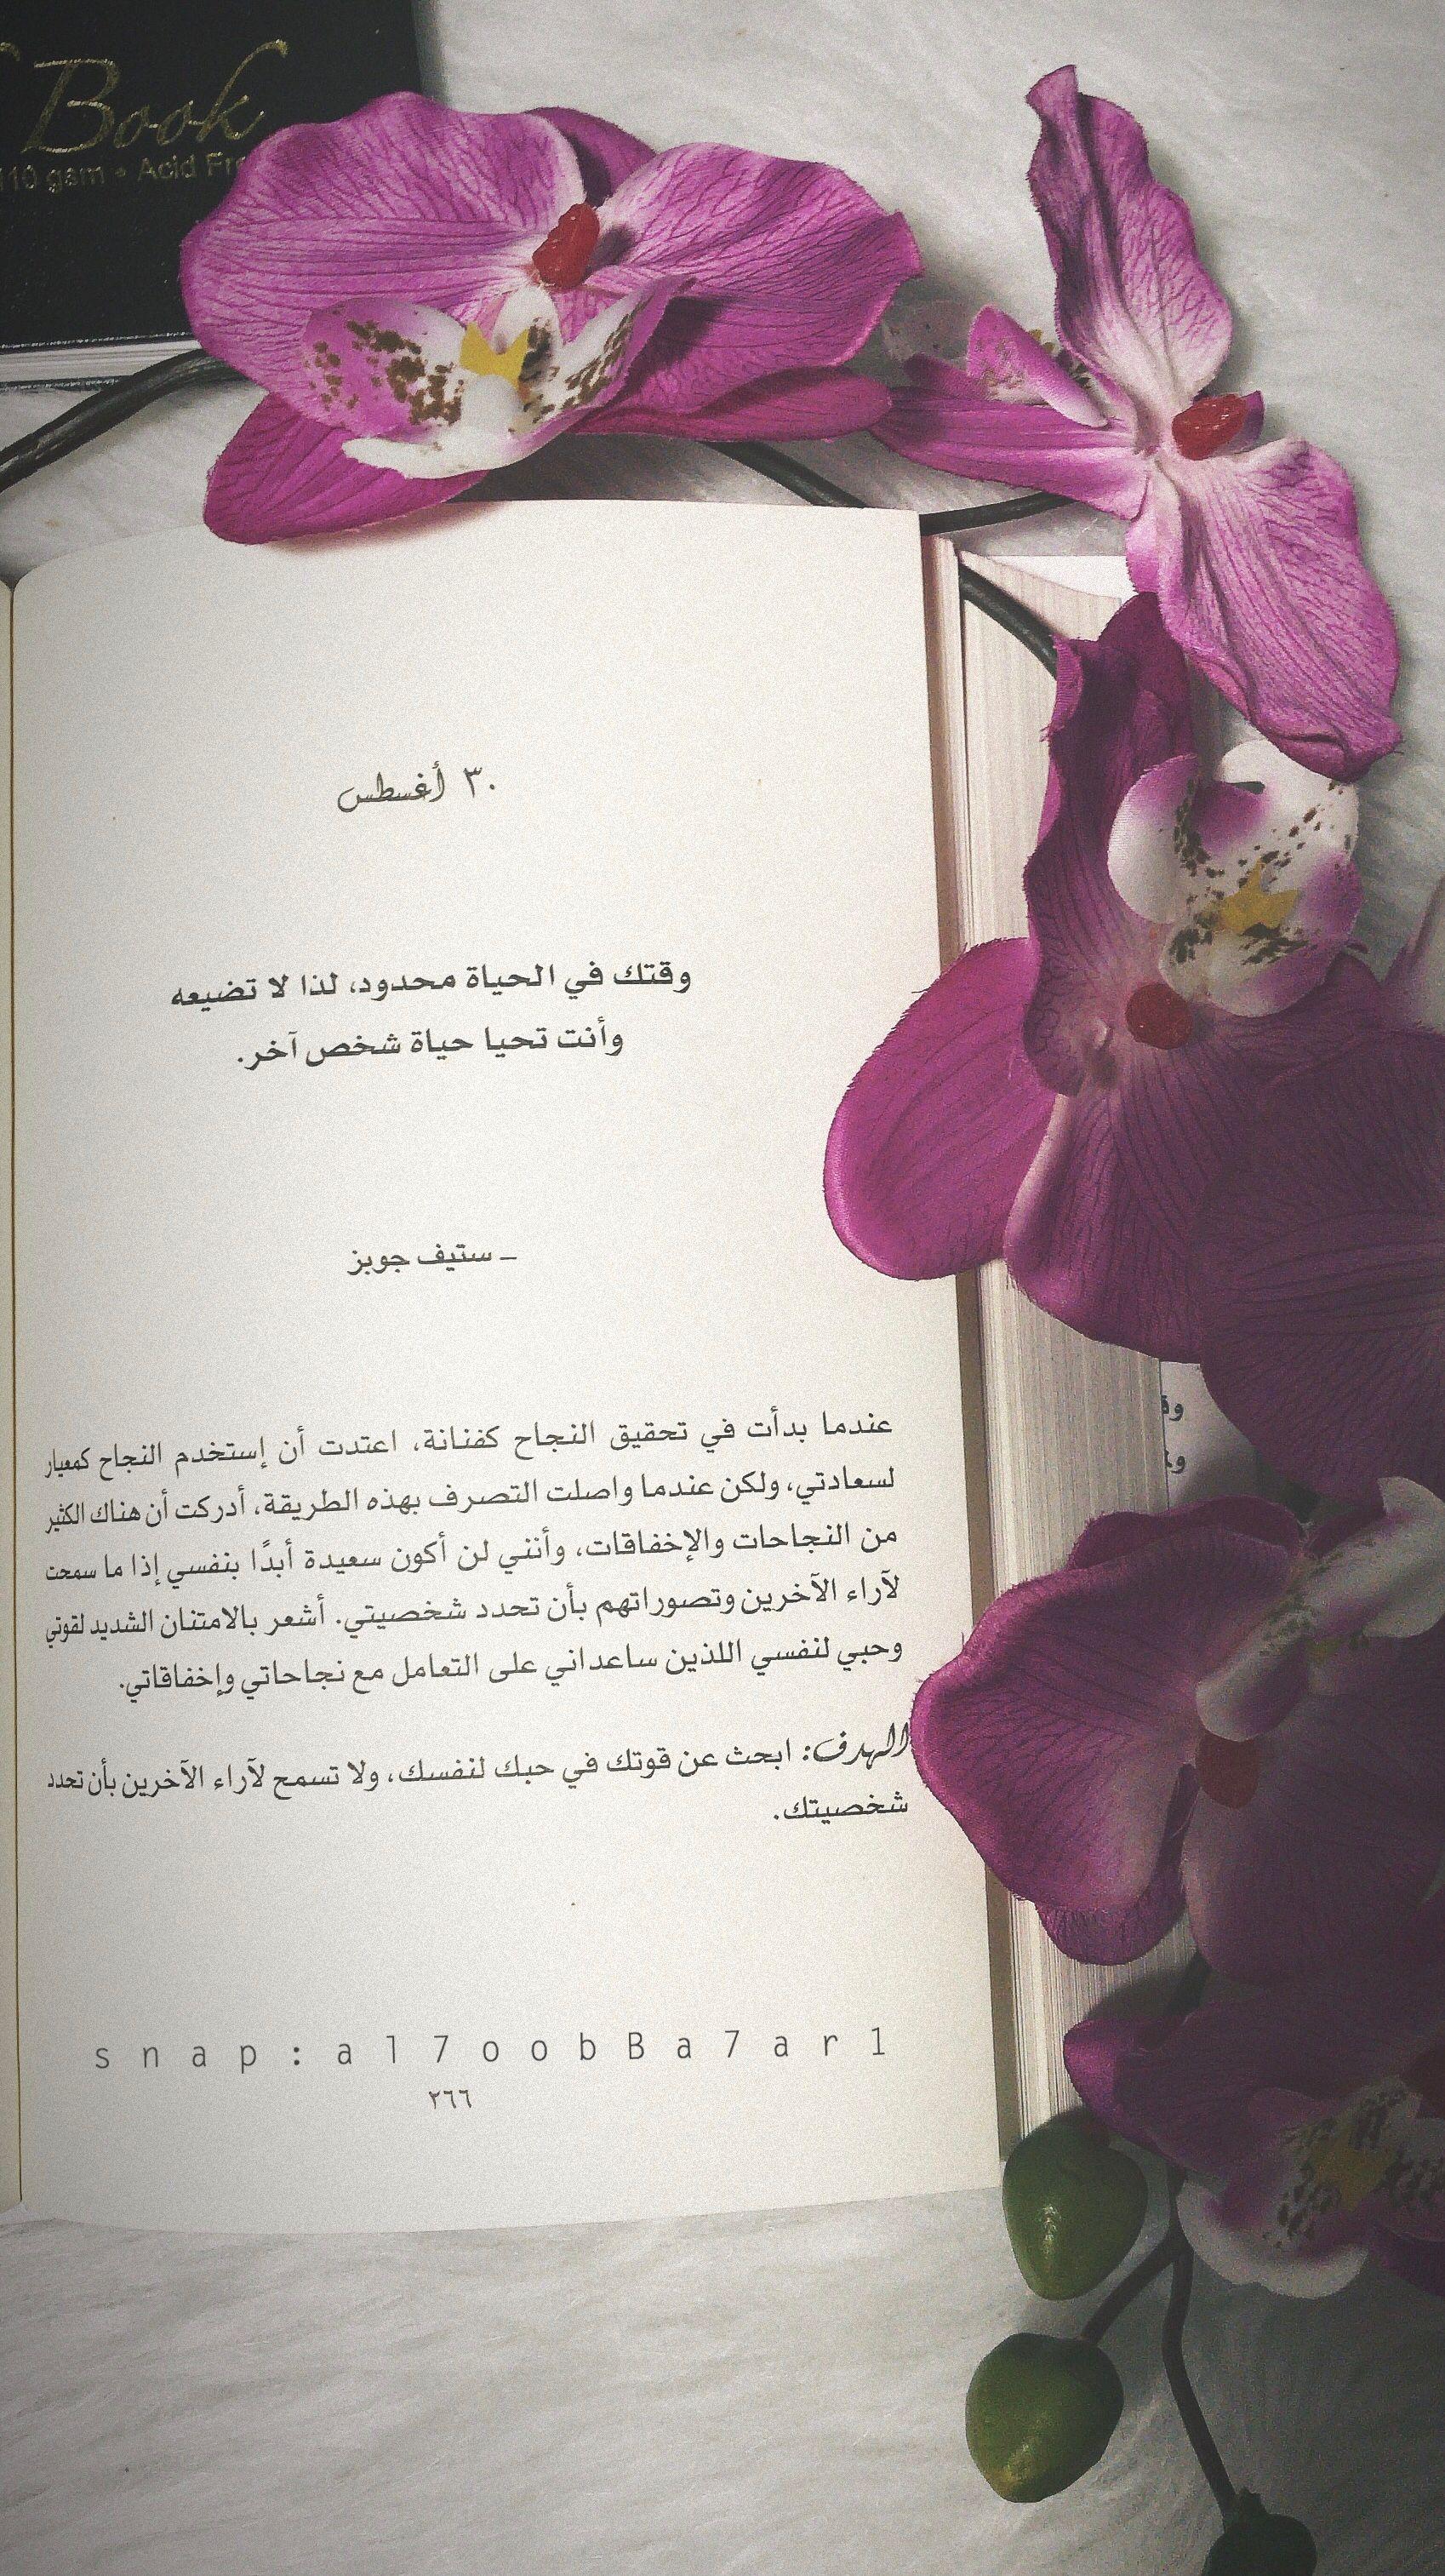 ابحث عن قوتك في حبك لـ نفسك لا تسمح لـ آراء الآخرين بـ تضييع وقتك وتحديد شخصيتك 30 أغسطس August Arabic Quotes Positivity Photo